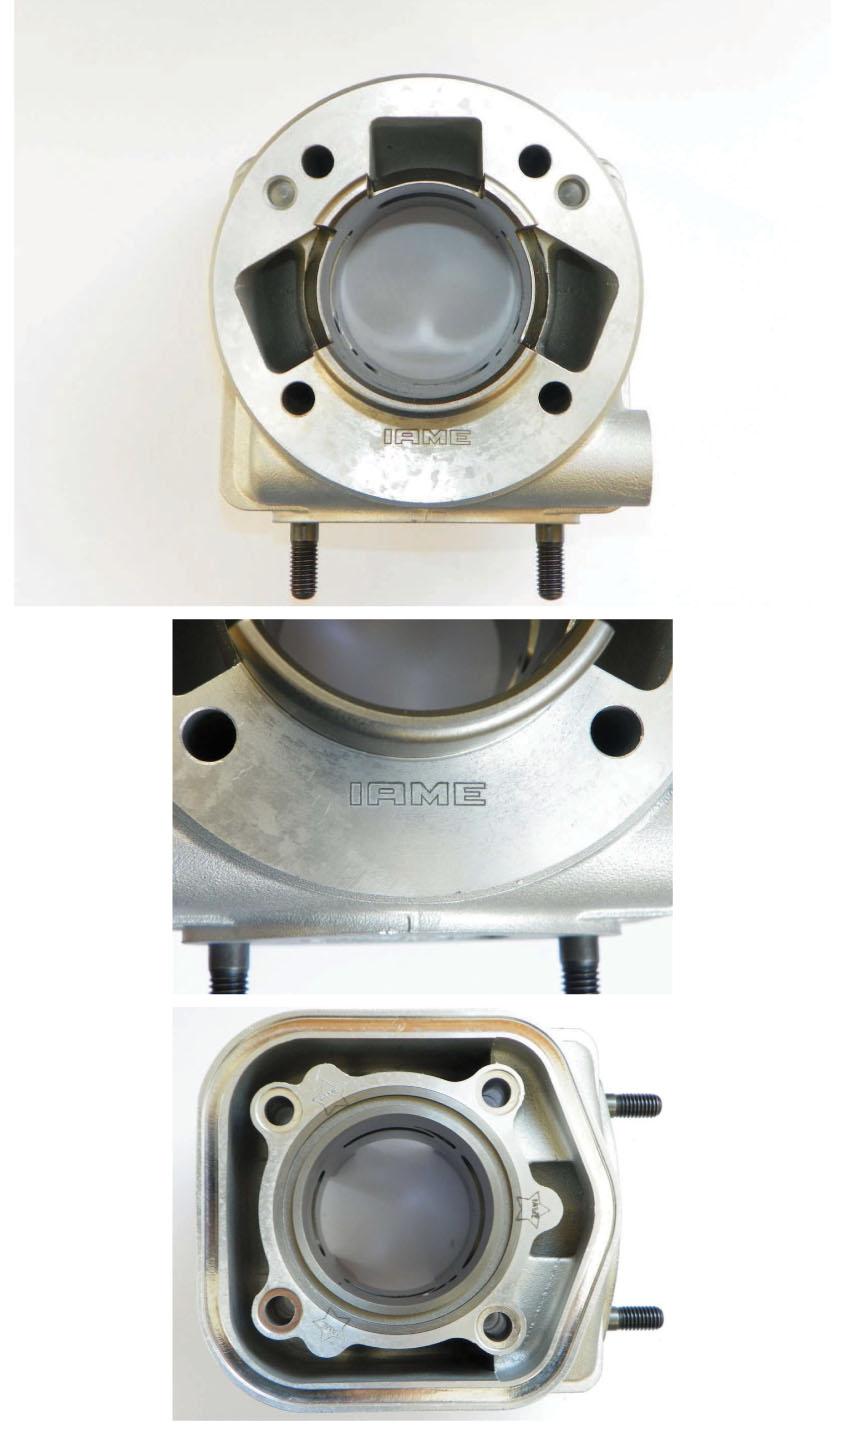 IAME X30 Zylinder in Version 2014